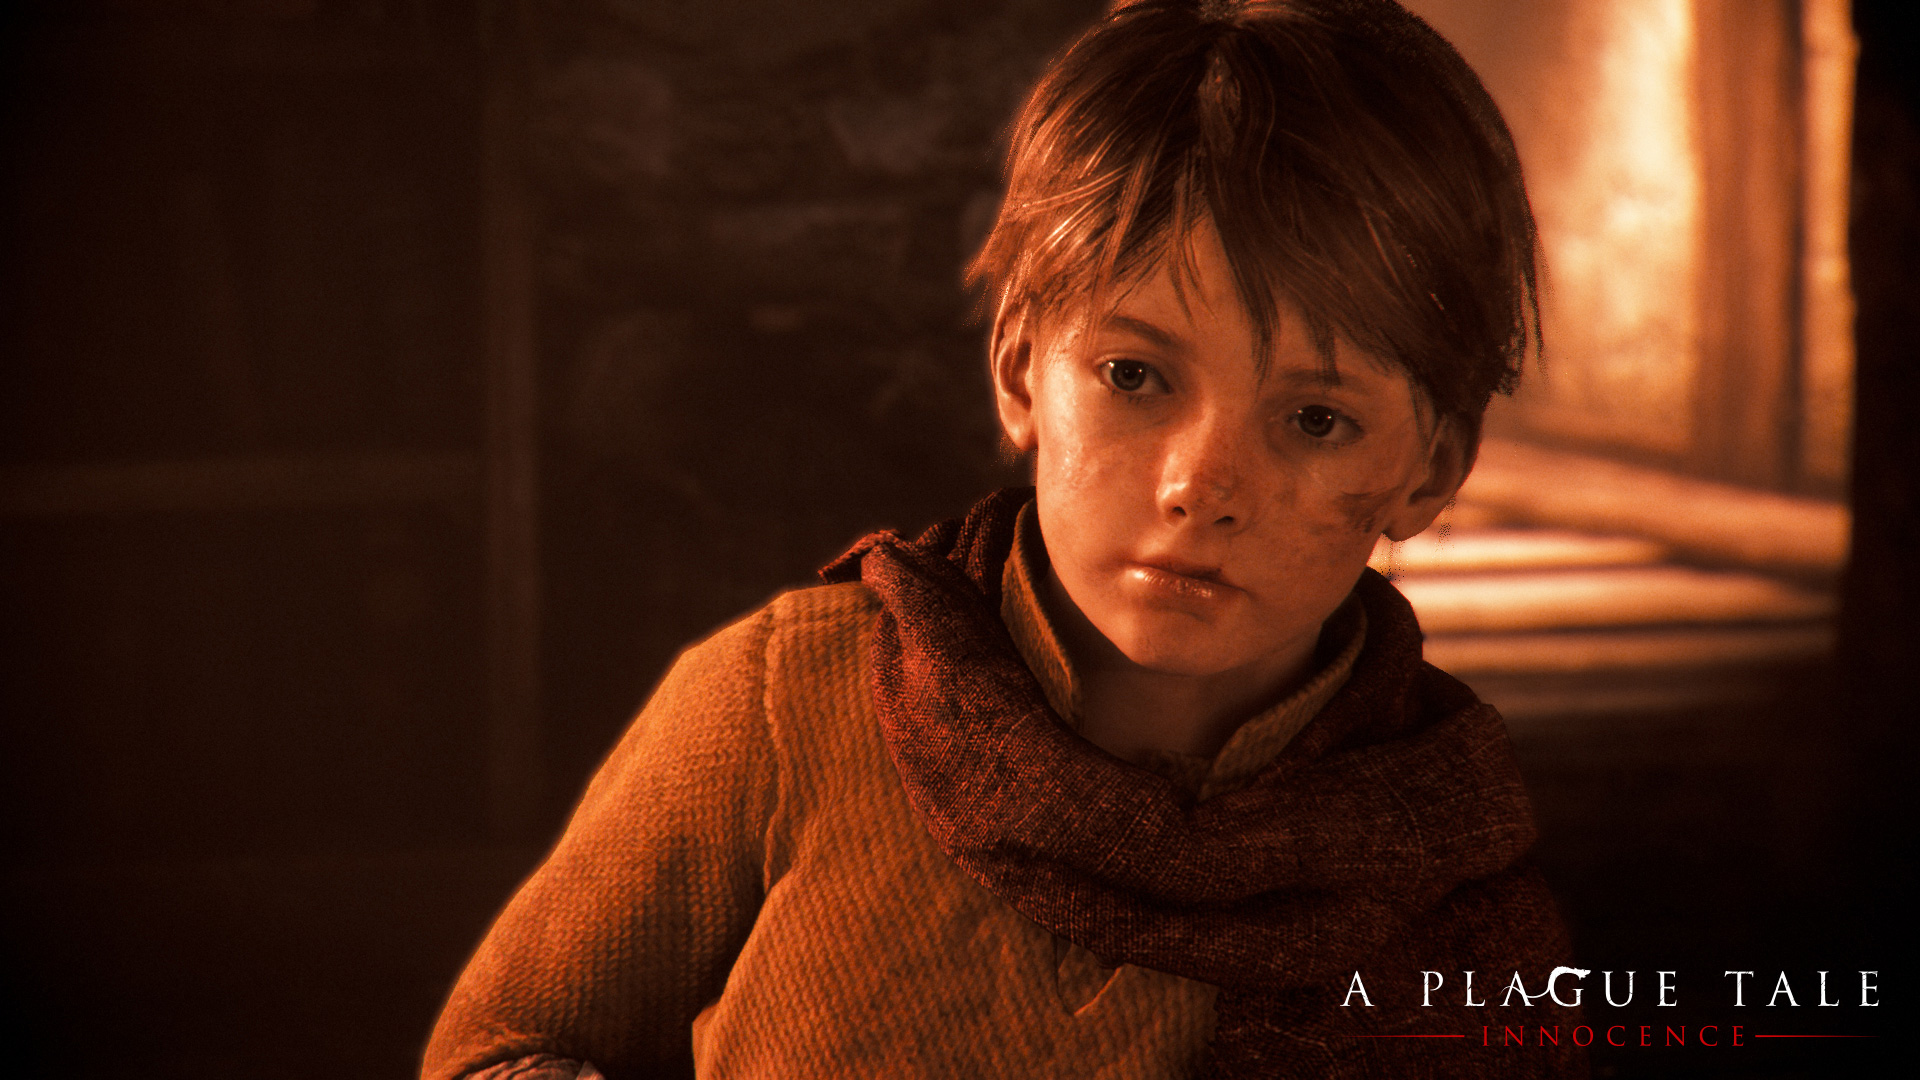 Hugo De Rune - A Plague Tale Innocence